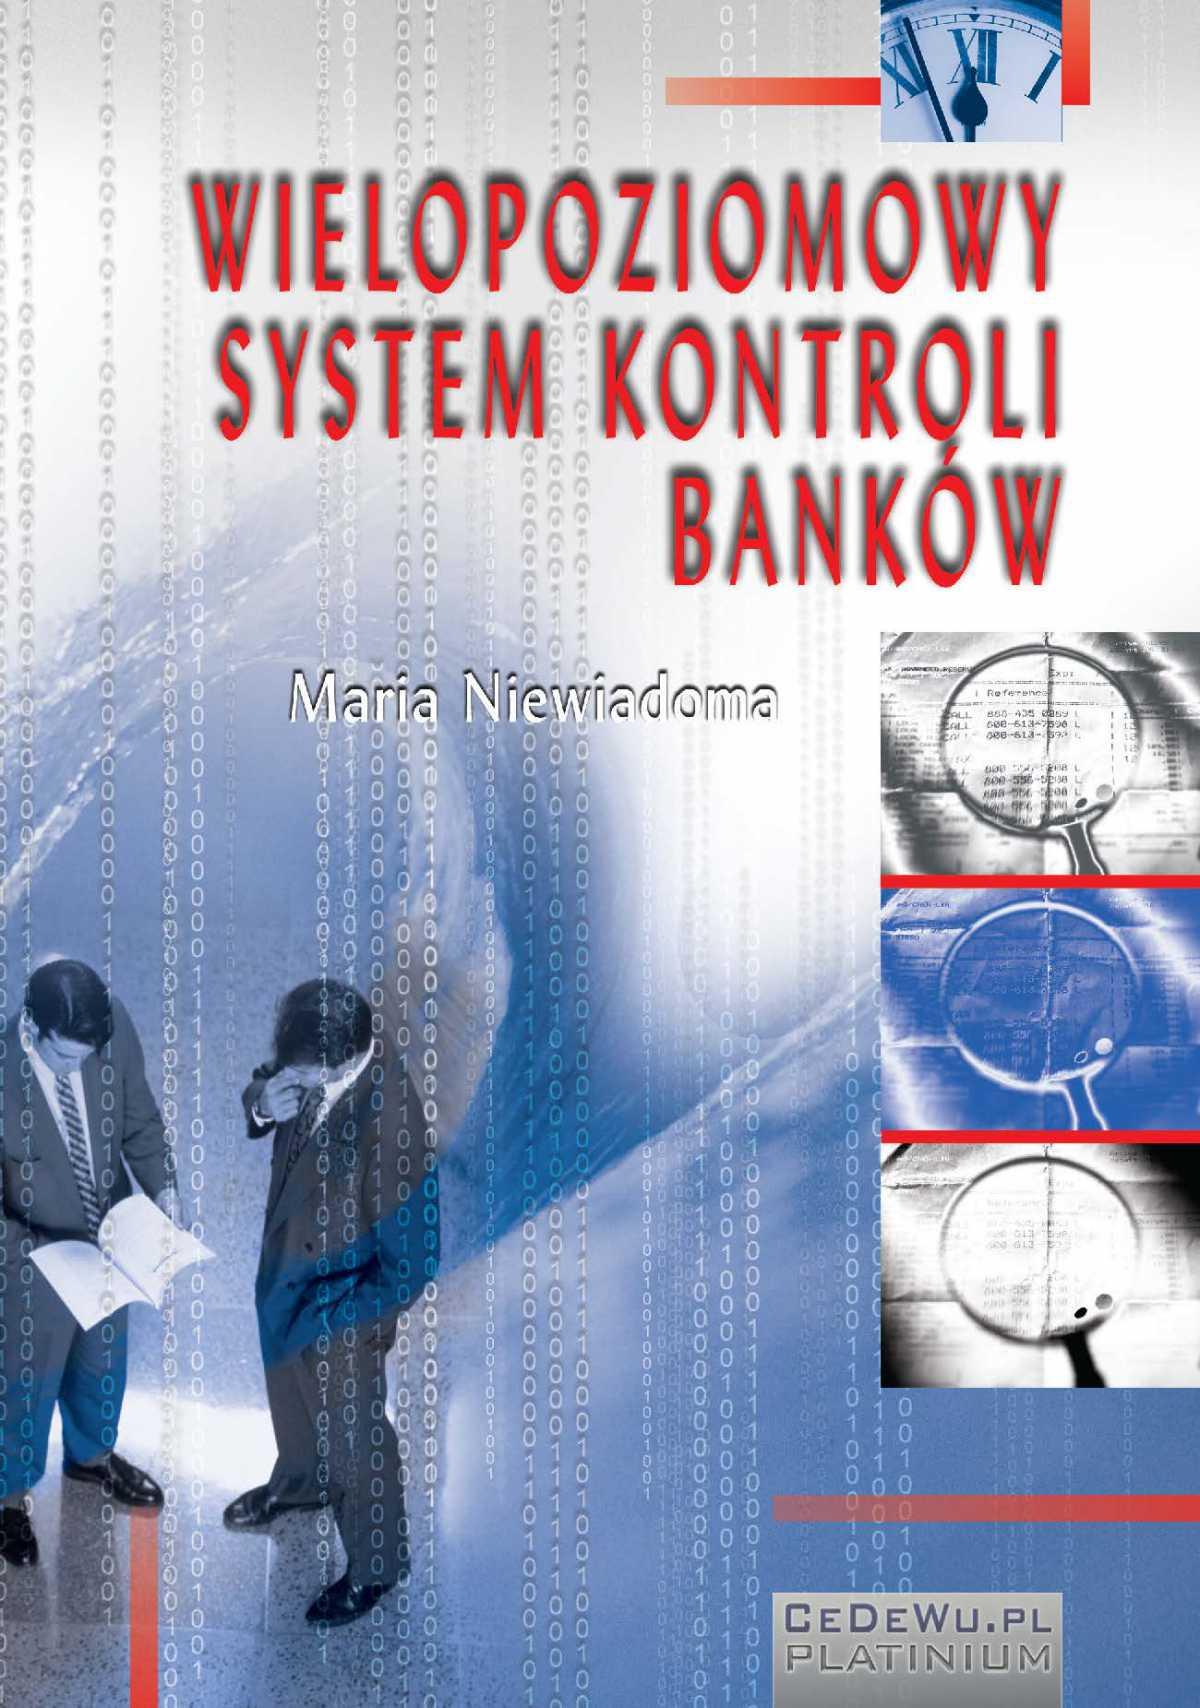 Wielopoziomowy system kontroli banków. Rozdział 3. Elementy systemu kontroli banków na poziomie nadzoru krajowego - Ebook (Książka PDF) do pobrania w formacie PDF